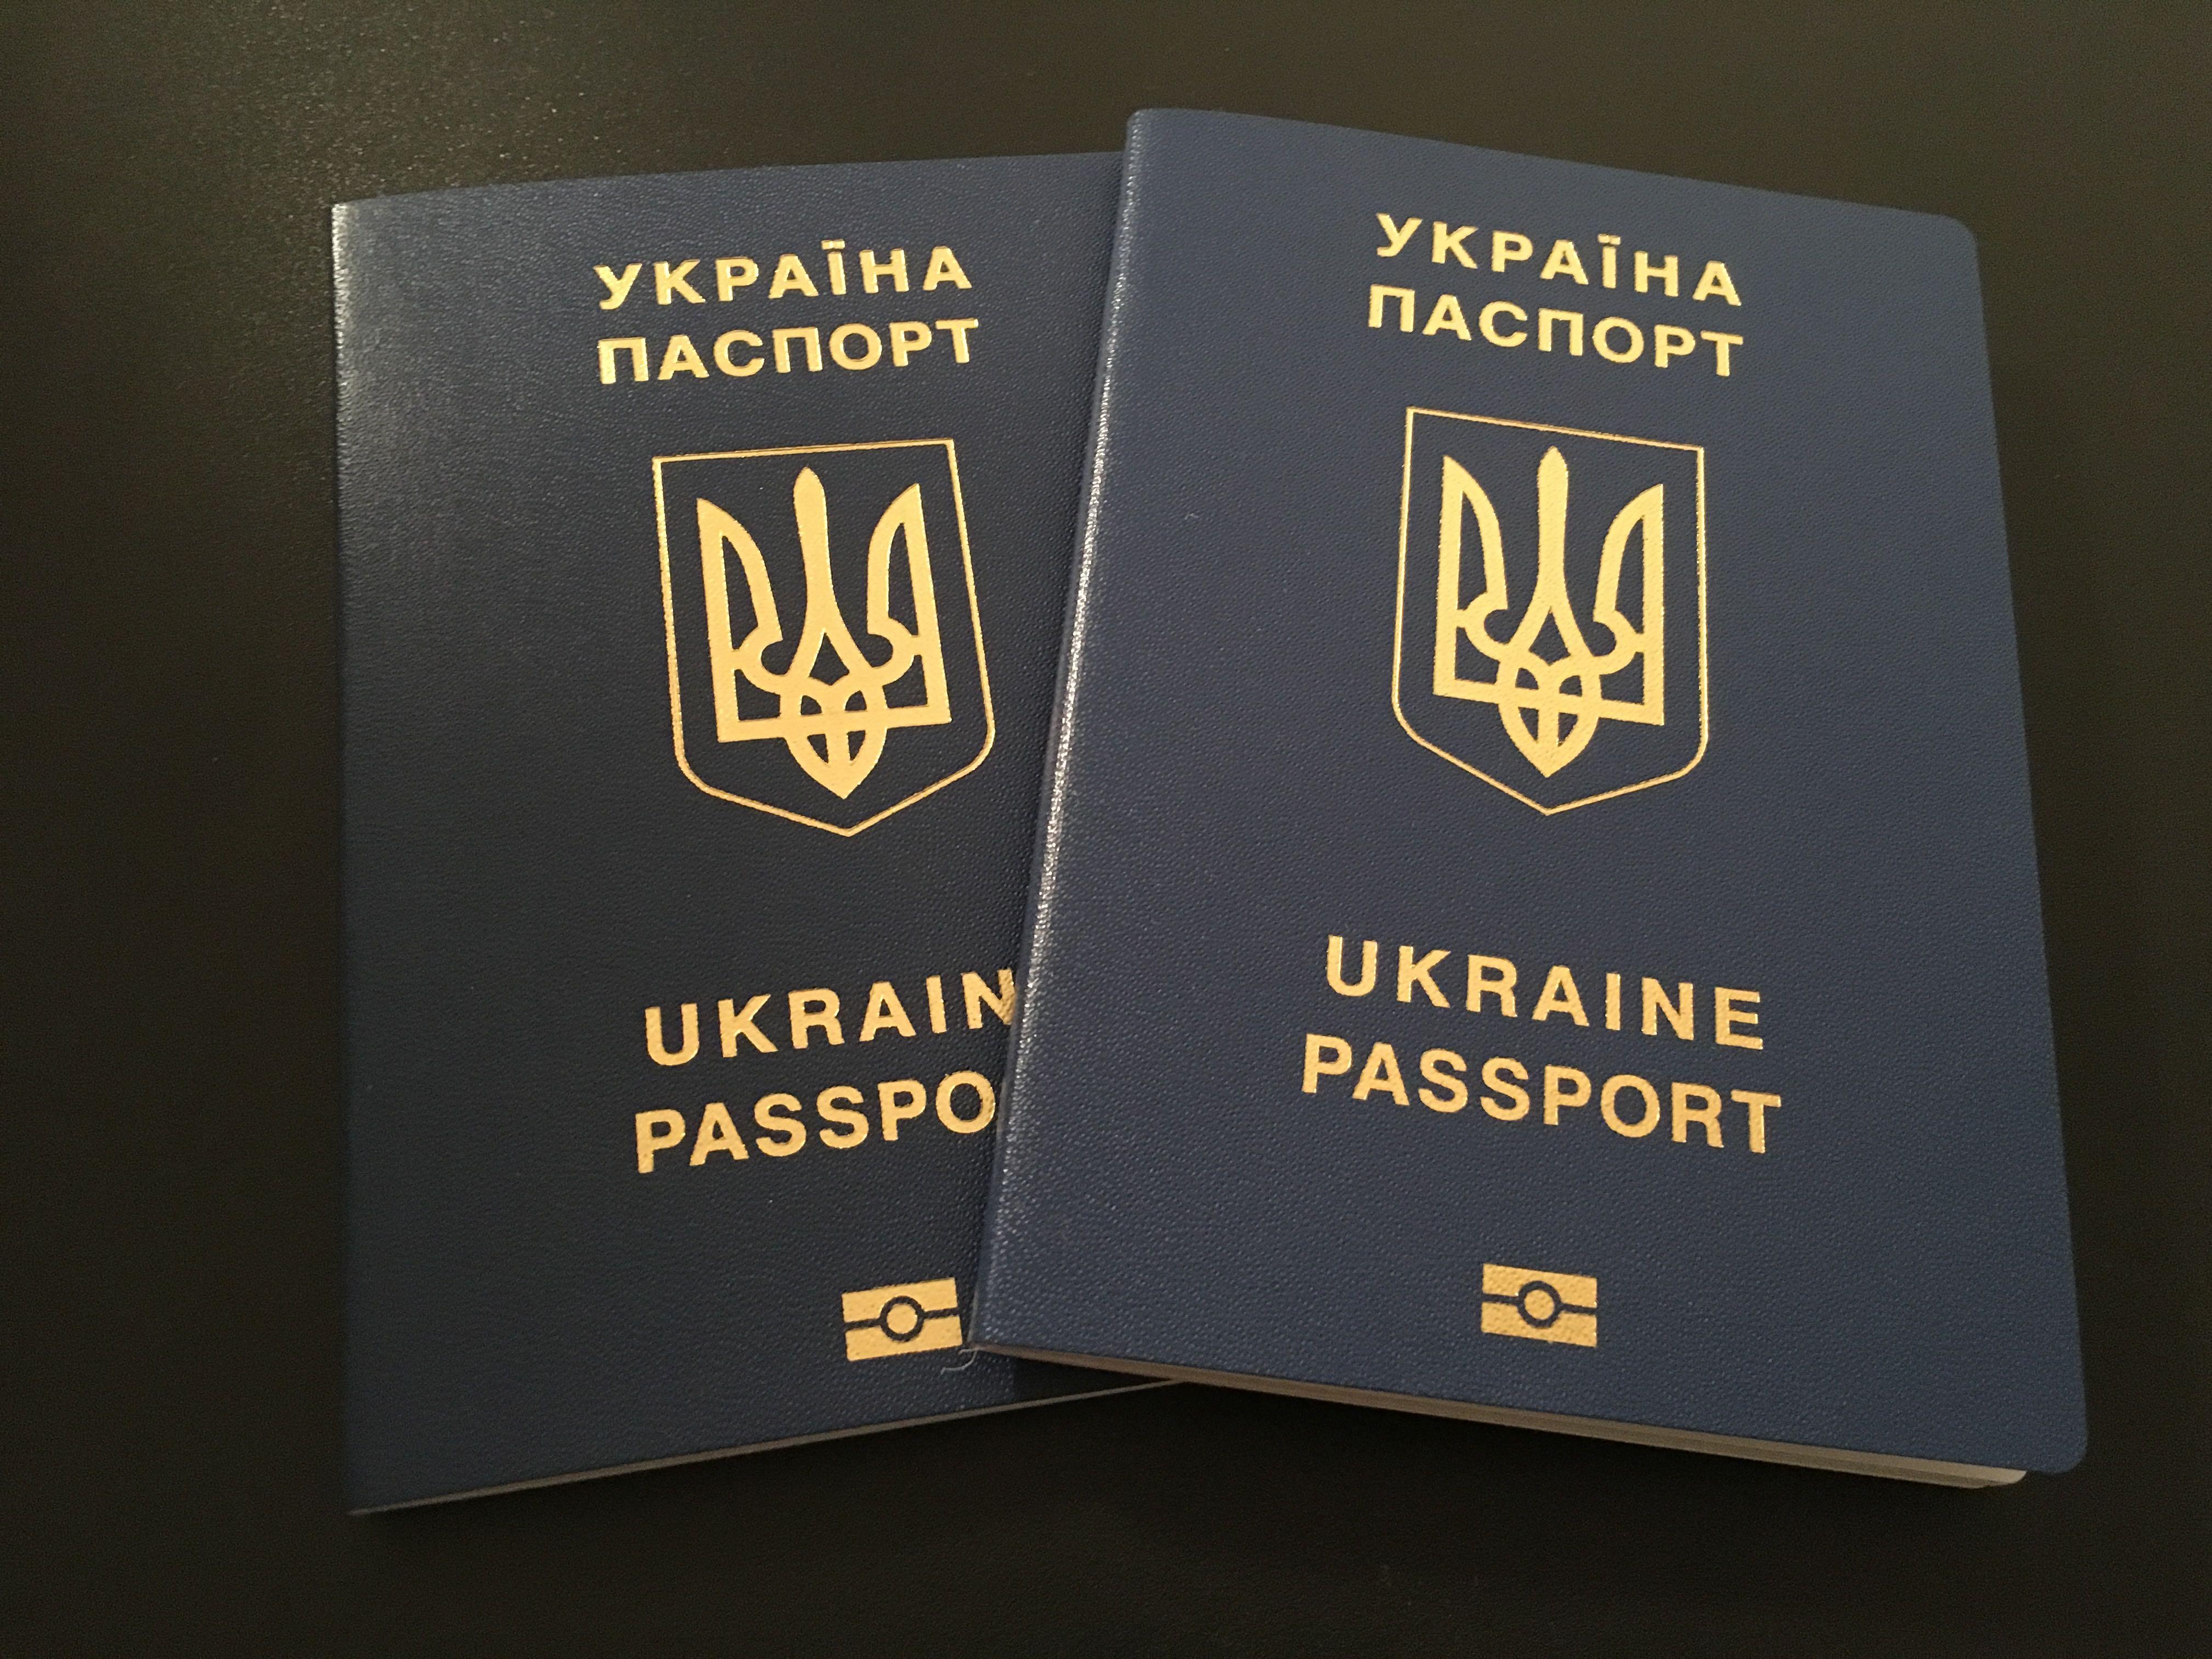 Ufficio Passaporti A Milano : Richiesta passaporto internazionale ucraino informazioni in italiano